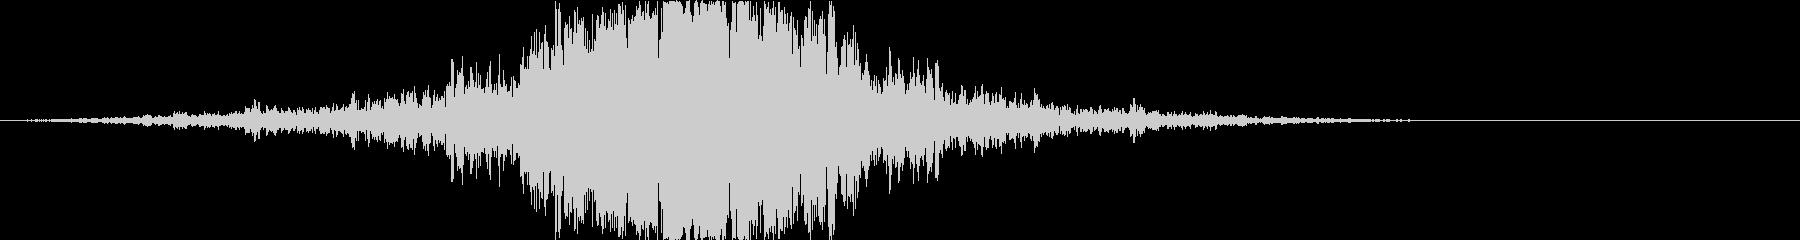 ドラマティックなリバース音33-02の未再生の波形